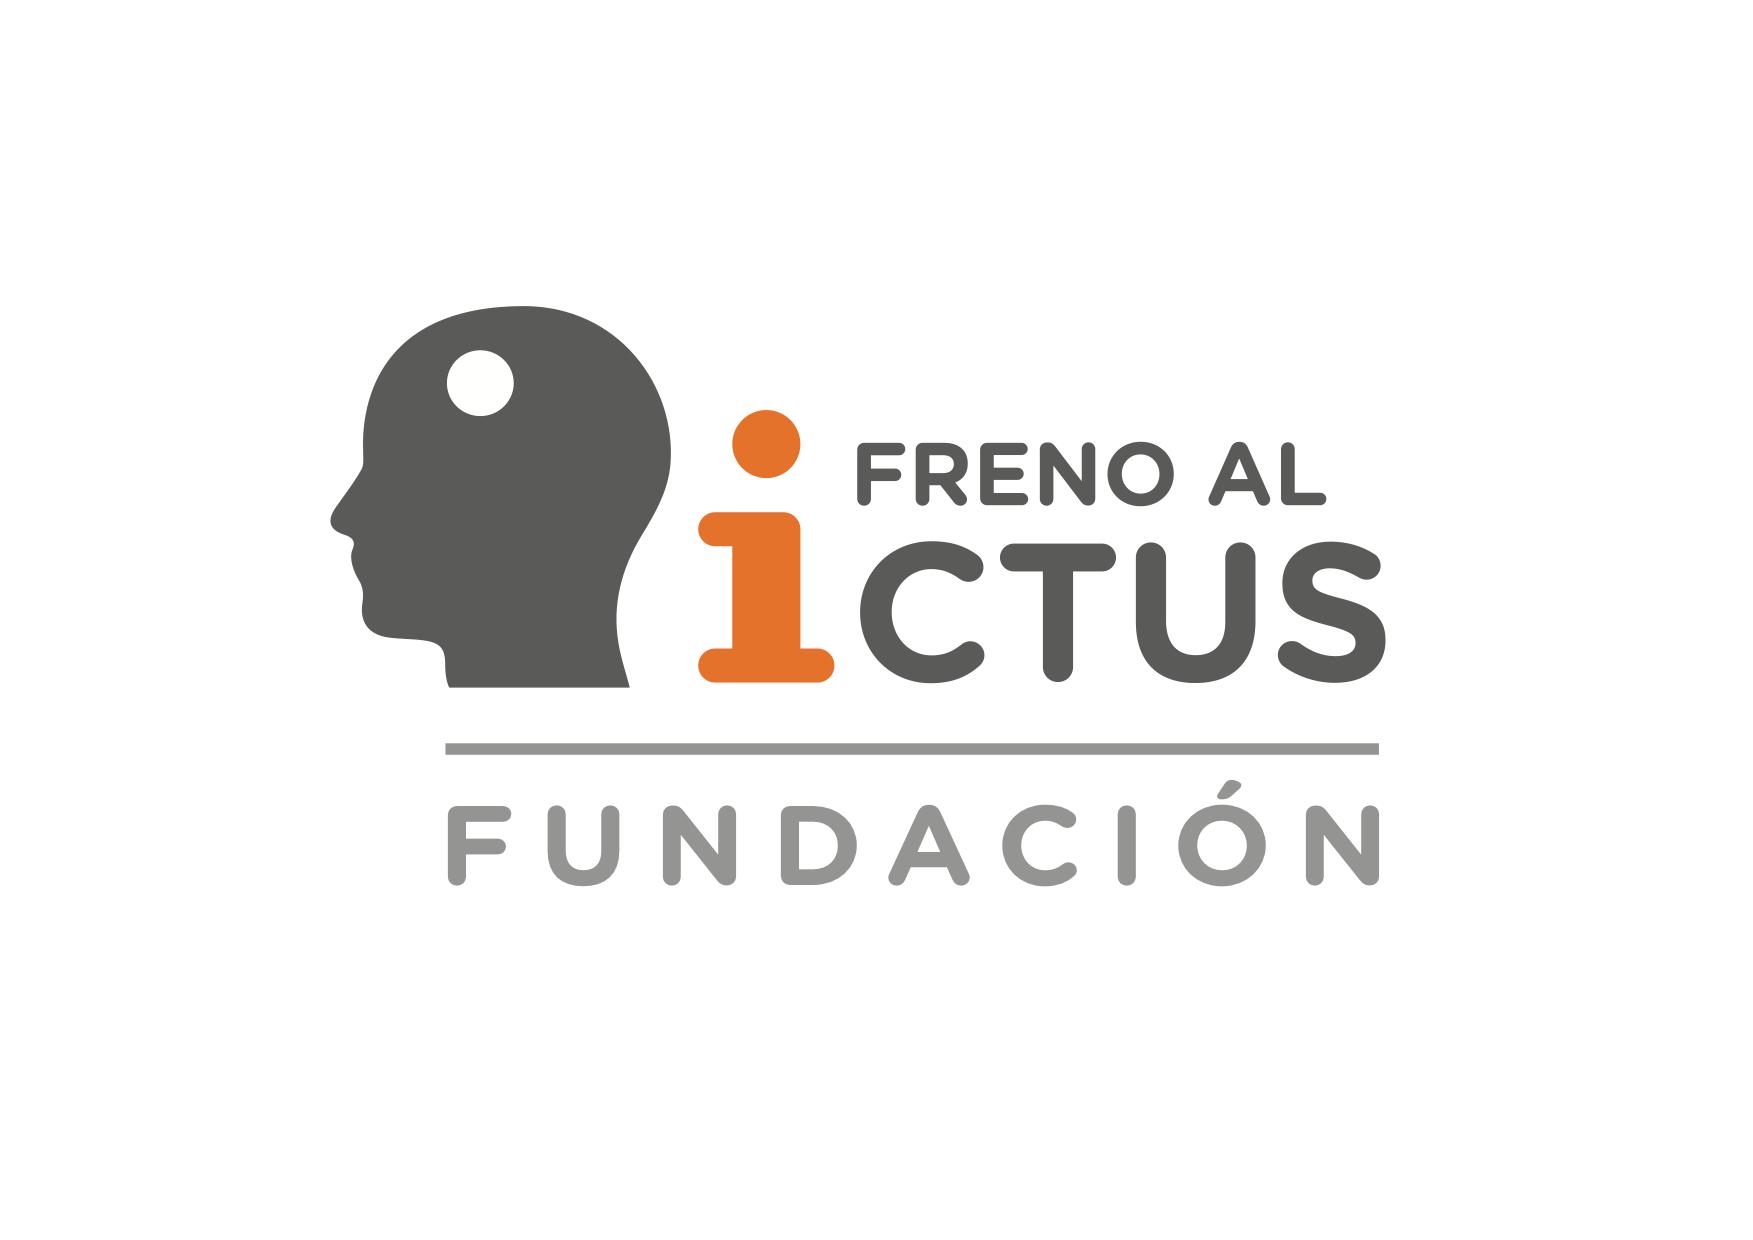 Fundación Freno al Ictus